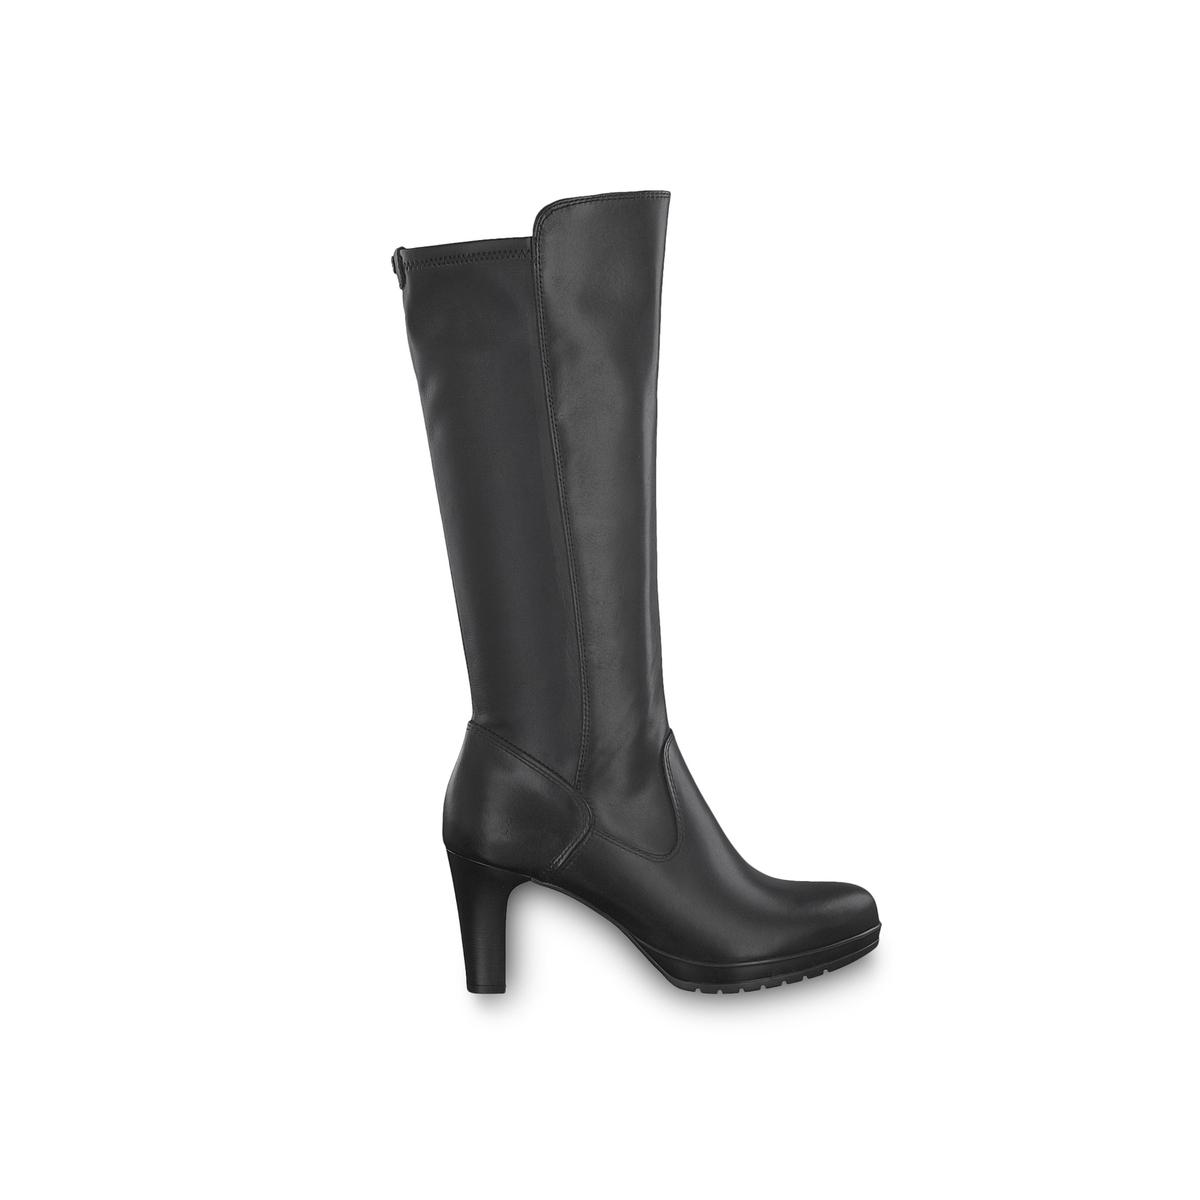 цена Сапоги La Redoute Кожаные на каблуке Carmen 36 черный онлайн в 2017 году